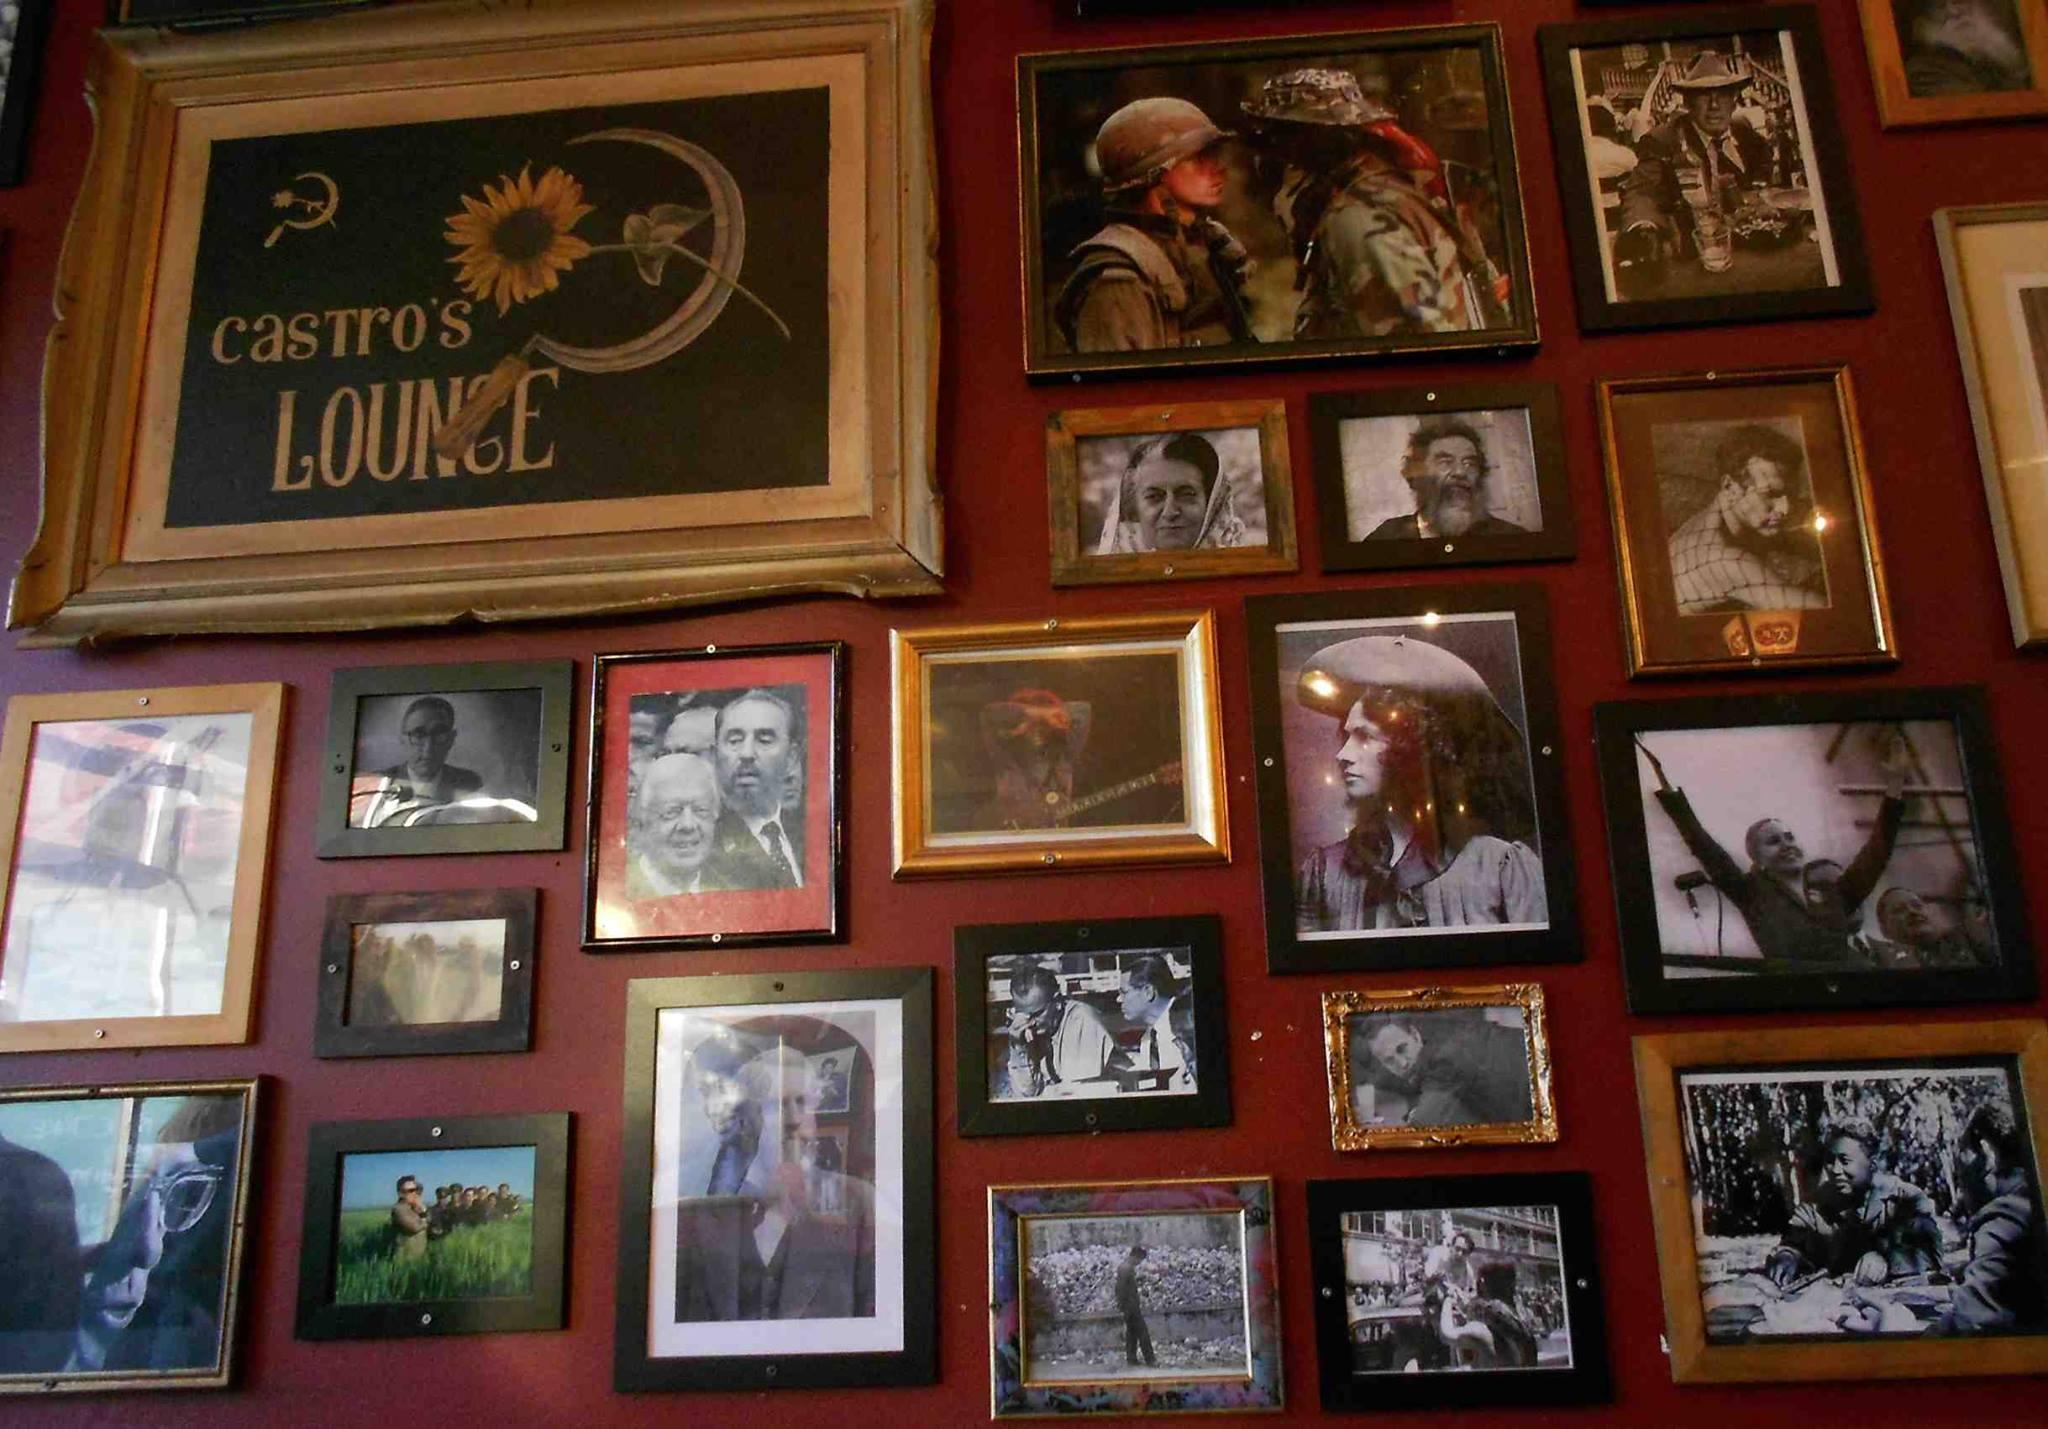 Castro's Lounge